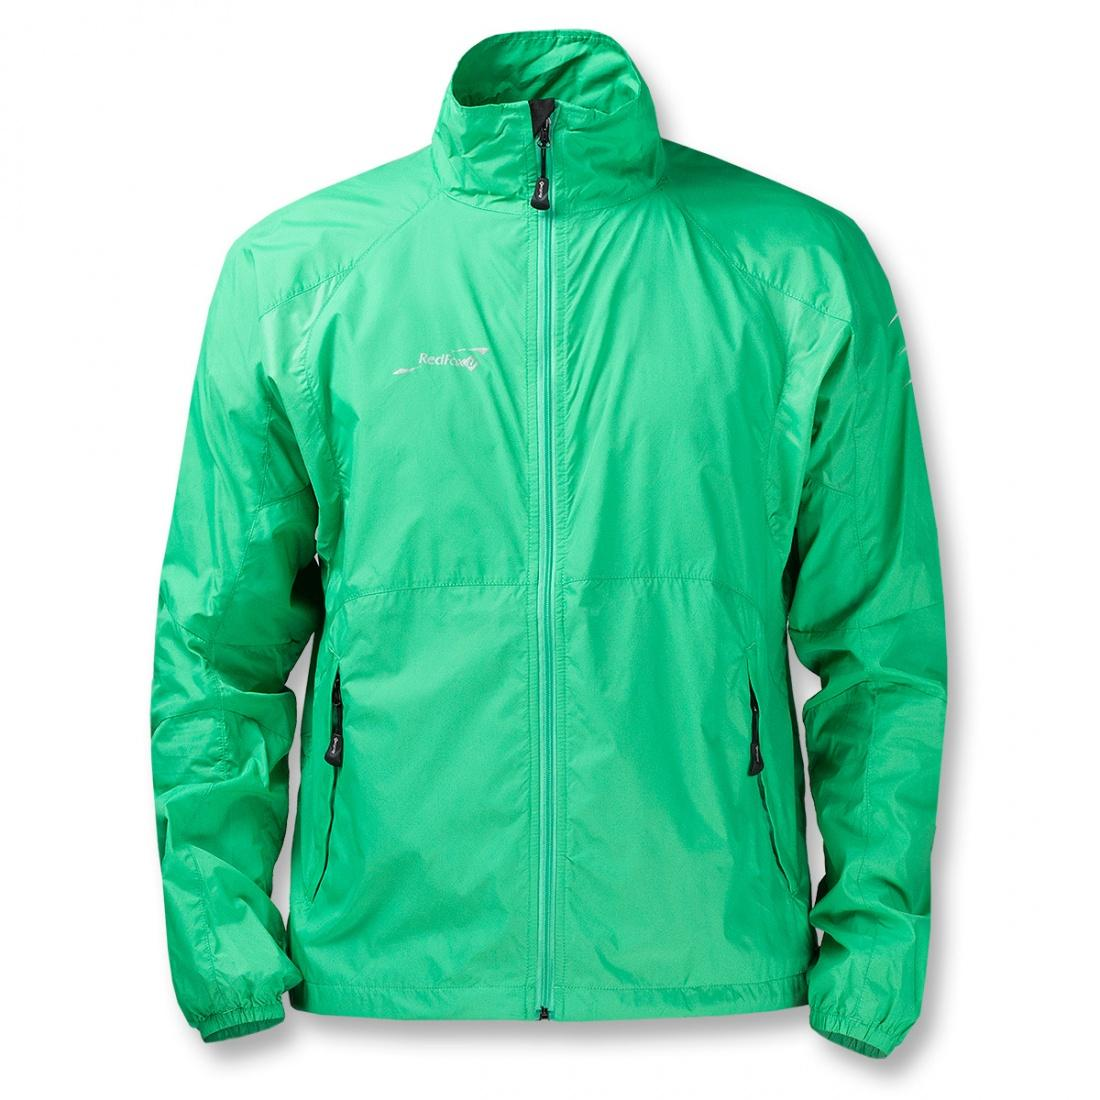 Куртка ветрозащитная Trek Light IIКуртки<br><br> Очень легкая куртка для мультиспортсменов. Отлично сочетает в себе функции защиты от ветра и максимальной свободы движений. Куртку мож...<br><br>Цвет: Зеленый<br>Размер: 52